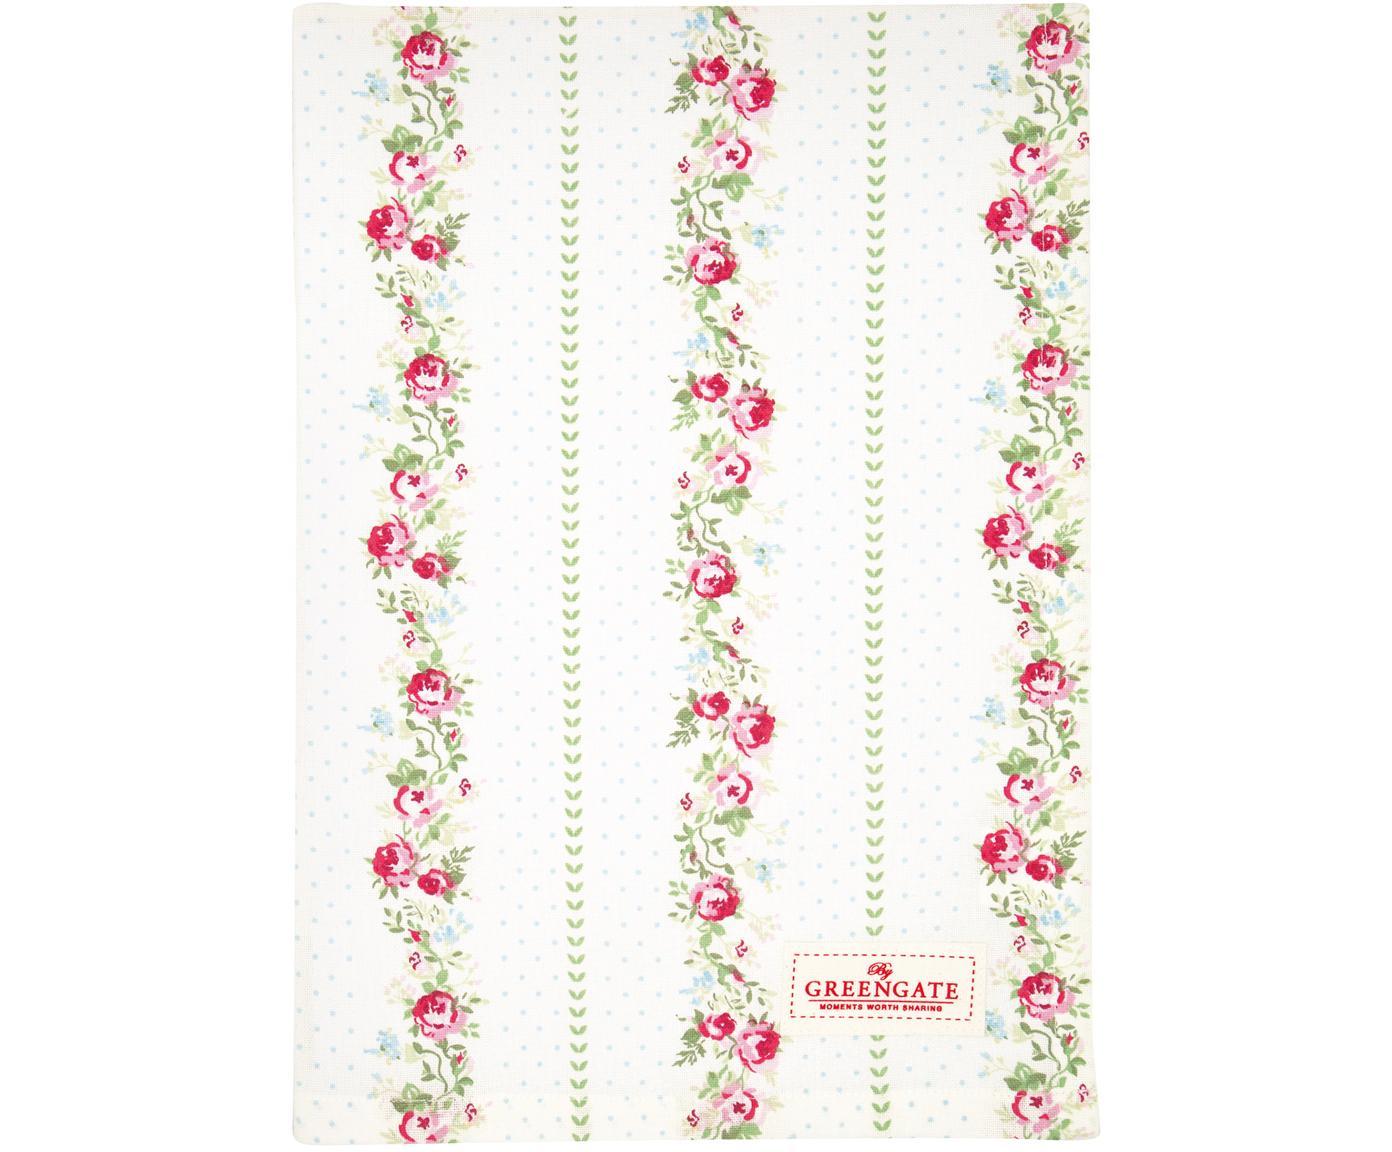 Geschirrtuch Gabby mit Rosenmuster, Baumwolle, Weiß, Grün, Pink, 50 x 70 cm